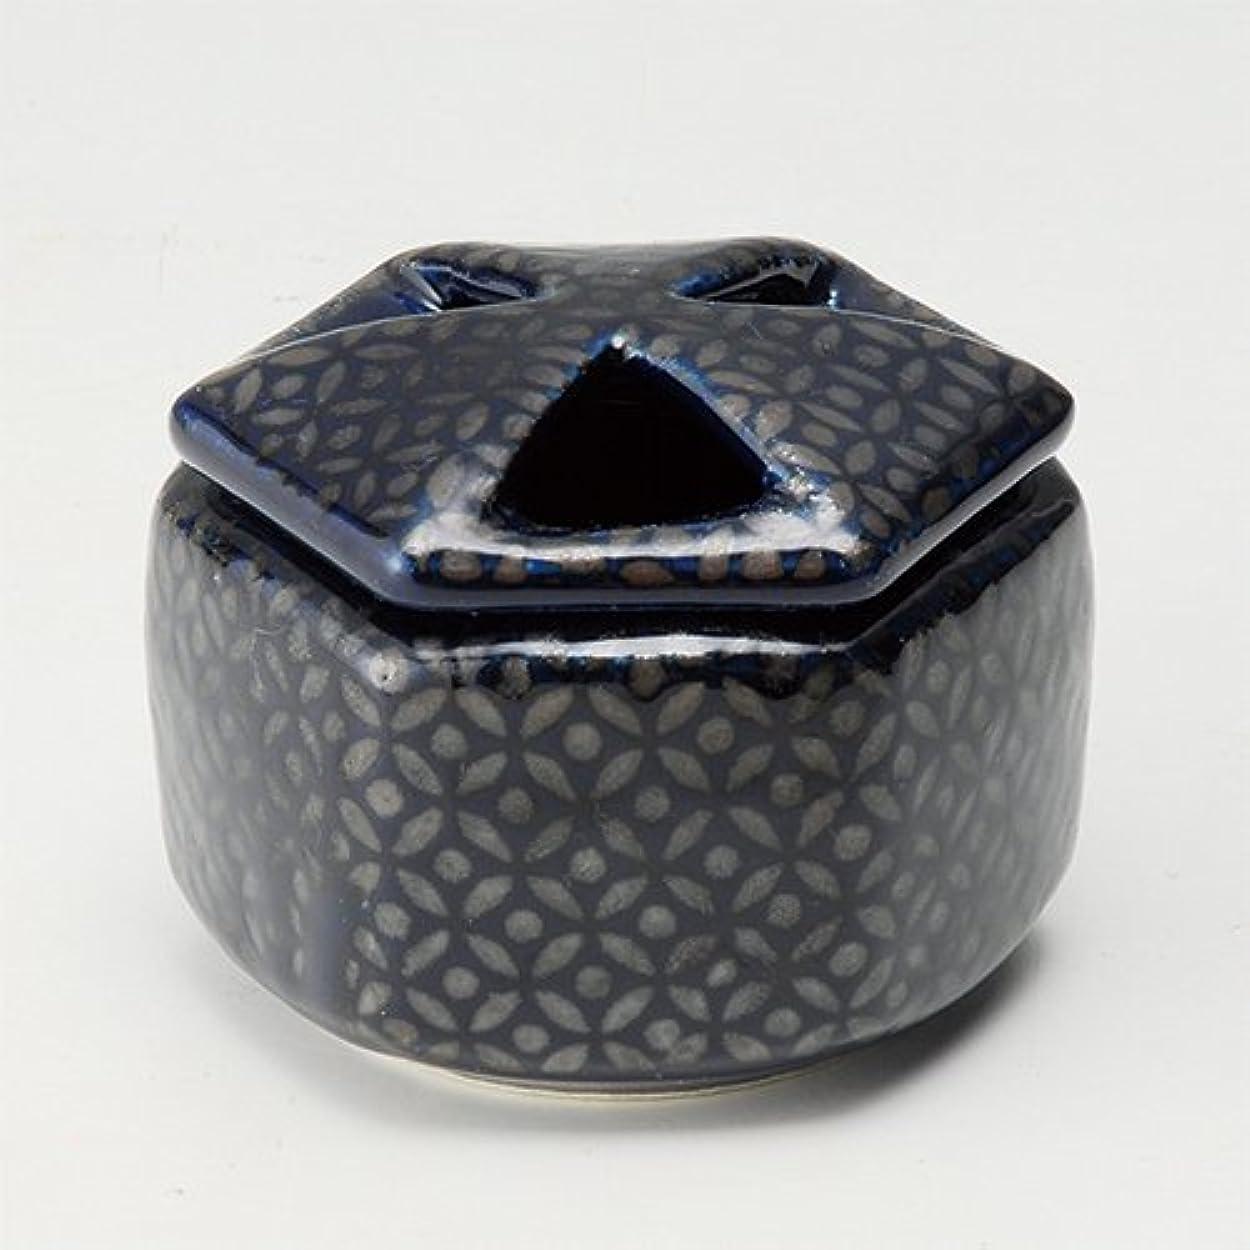 計器動機わかりやすい香炉 瑠璃七宝 六角香炉 [R8.8xH6.5cm] プレゼント ギフト 和食器 かわいい インテリア